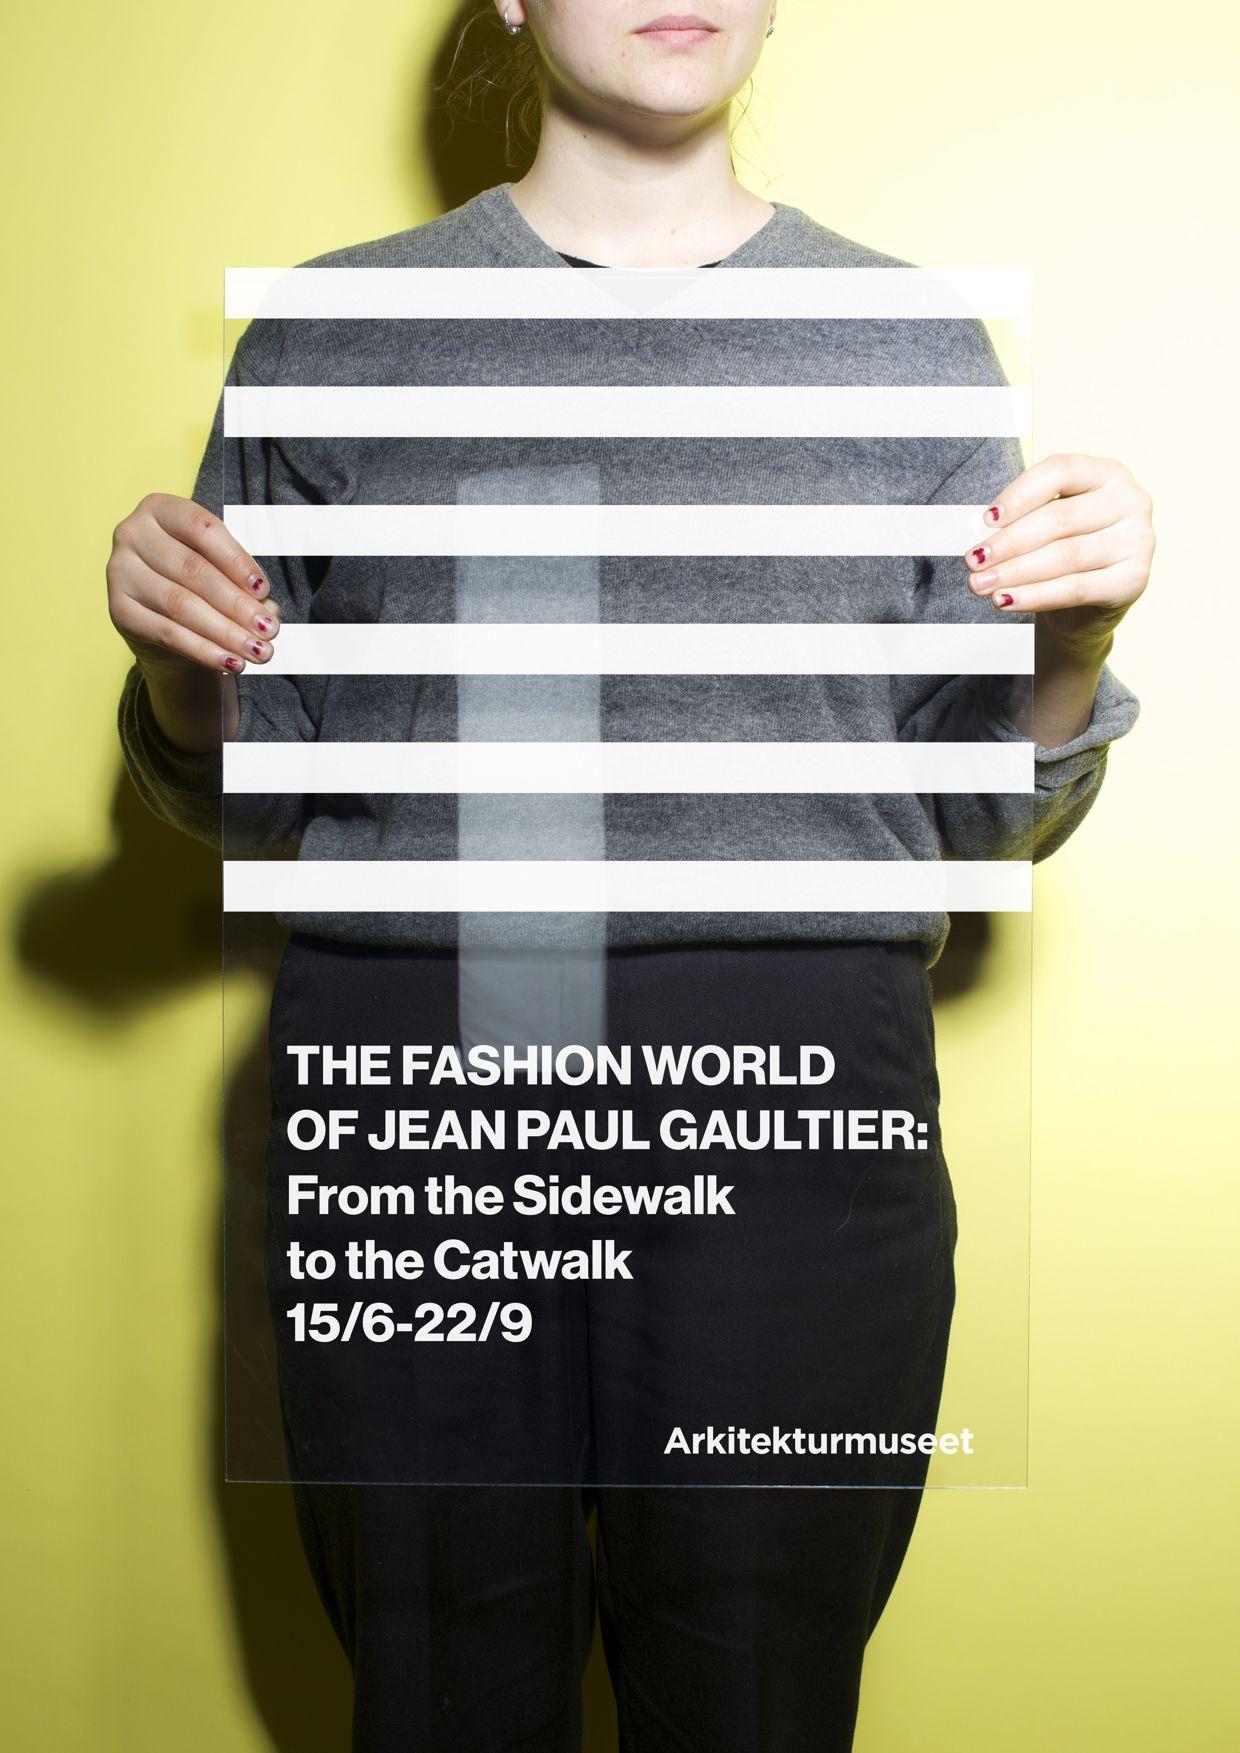 Poster design jeans - Arkitekturmuseet Jean Paul Gaultier By Kristofer Gullard Lindgren Poster Layoutprint Designposter